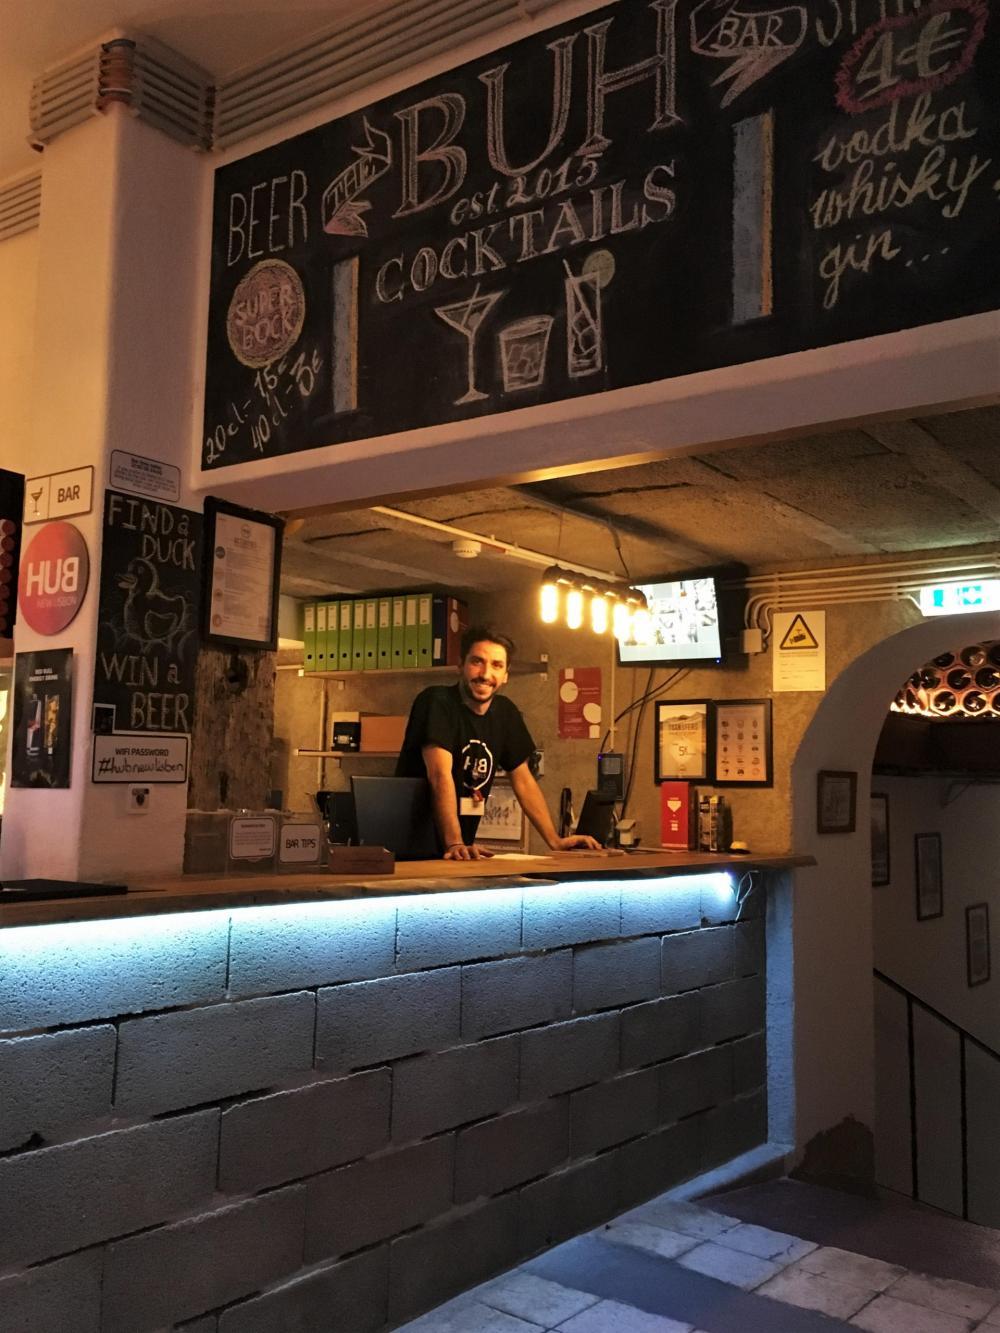 Nosso próprio Bar Embaixo do Albergue (Bar Under the Hostel)!